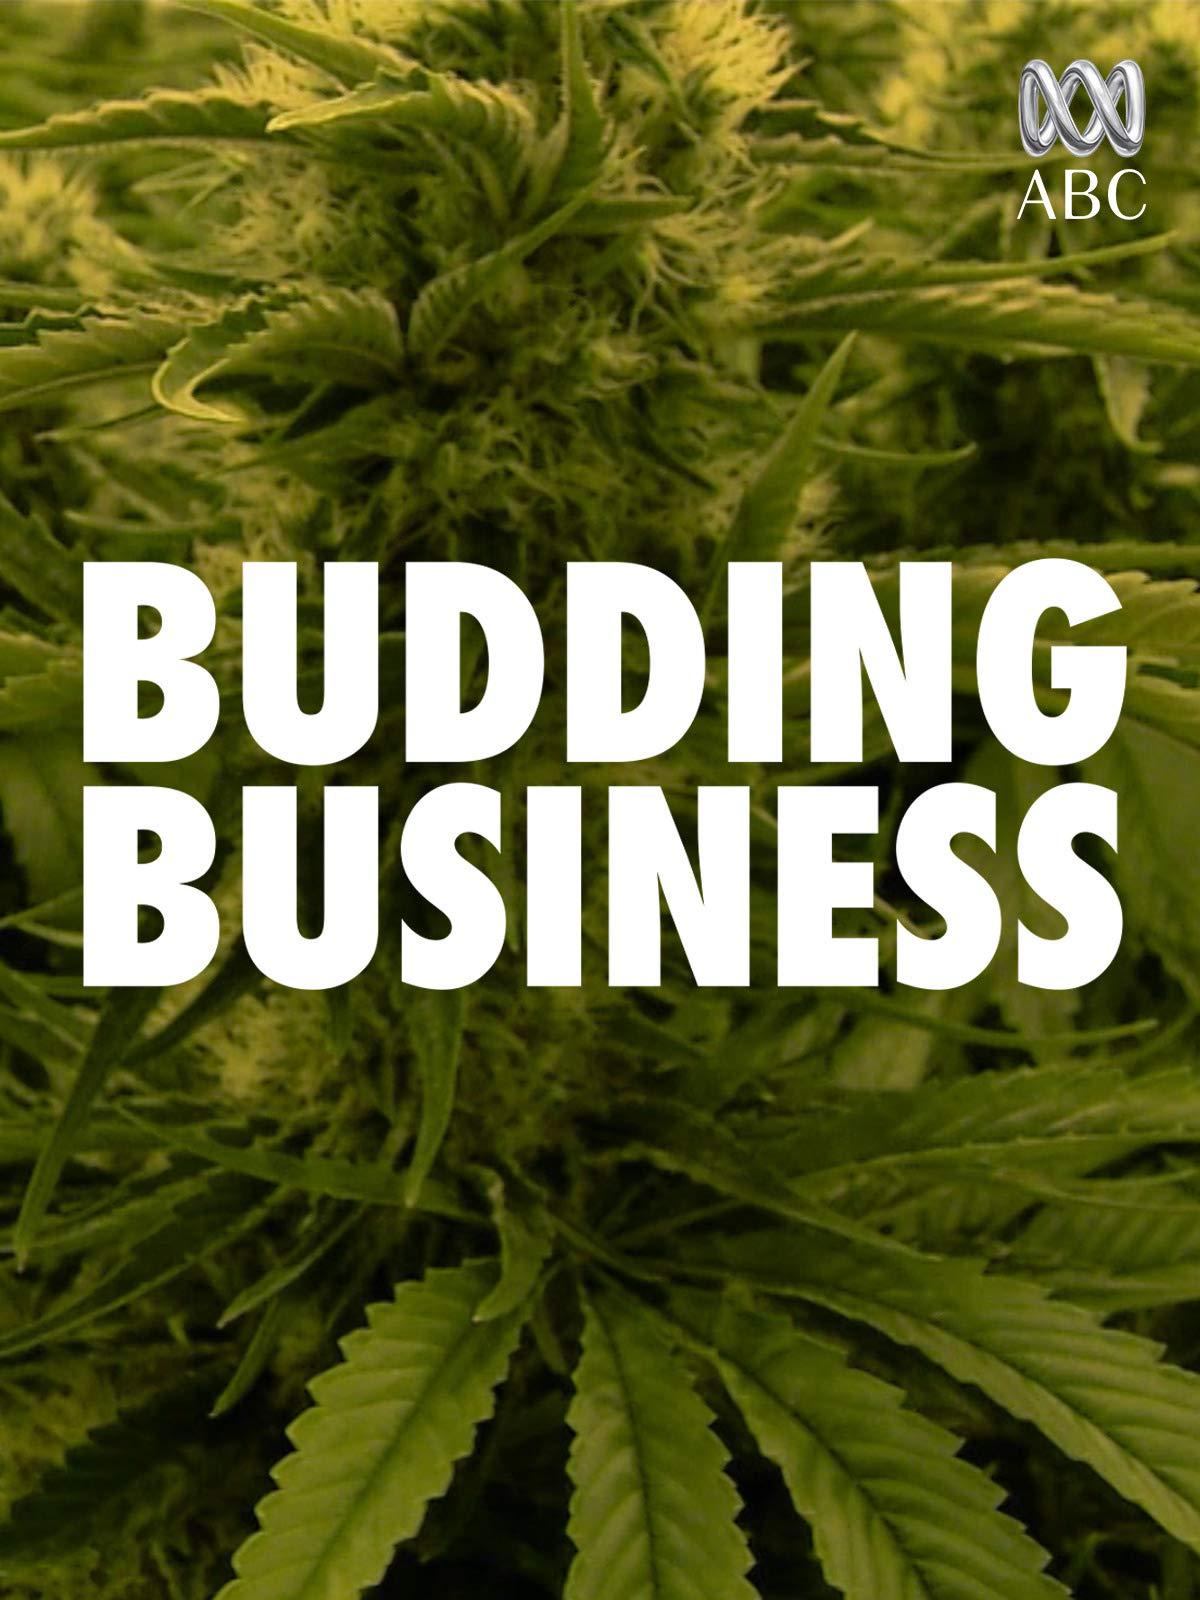 Budding Business on Amazon Prime Video UK